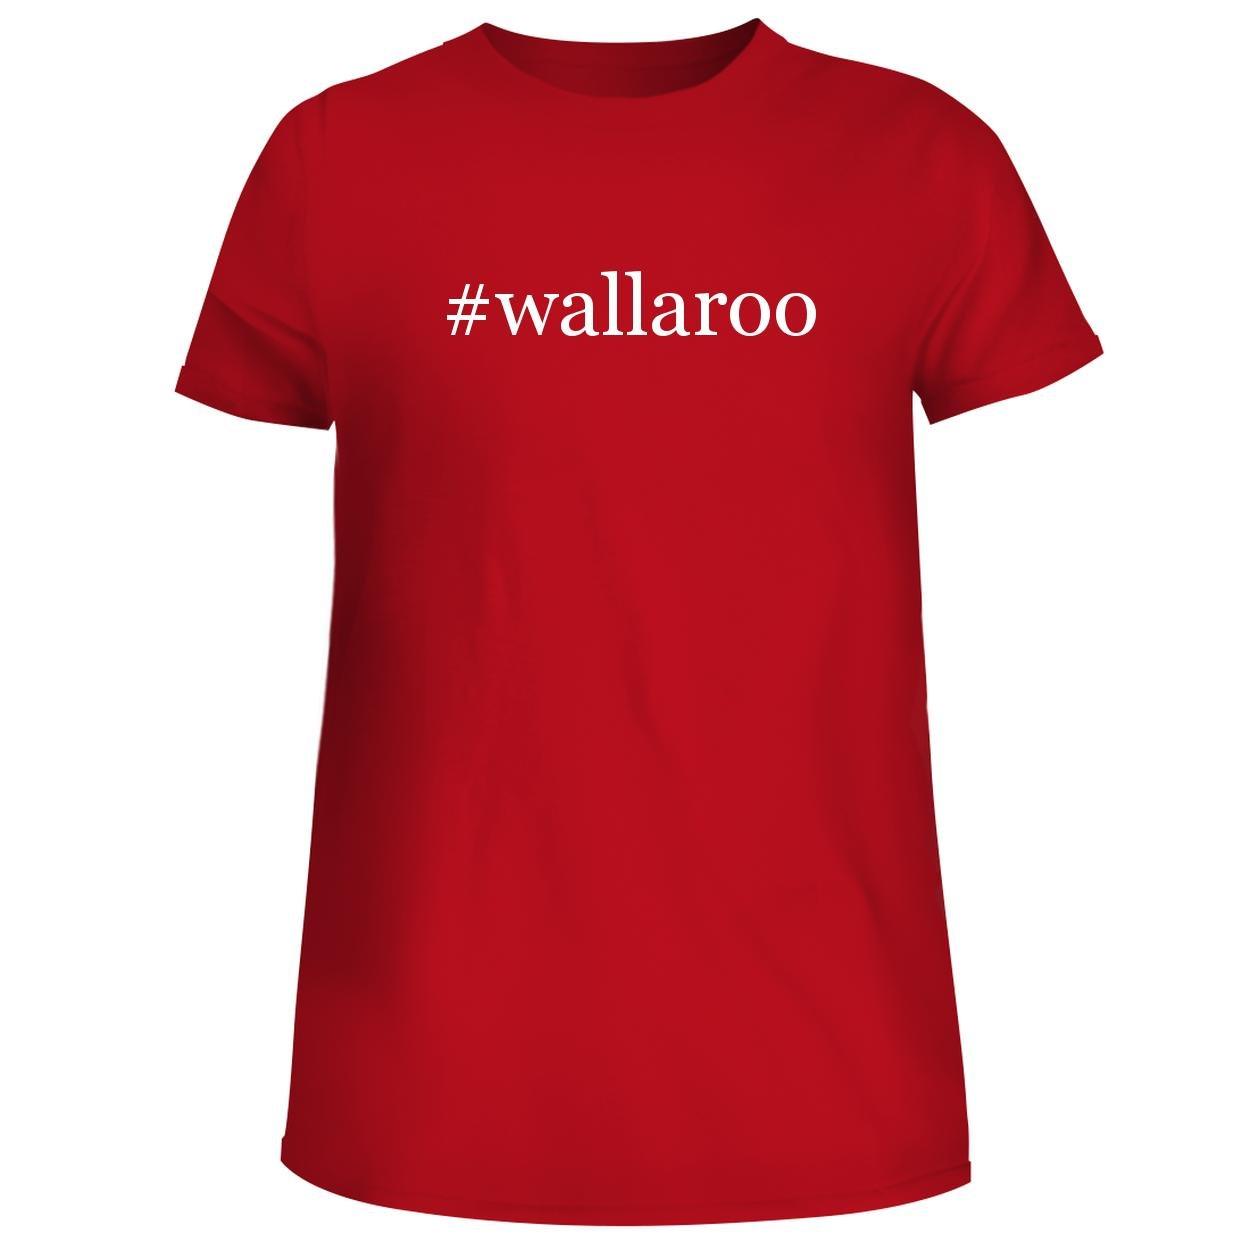 Wallaroo Cute Graphic Tee 4384 Shirts